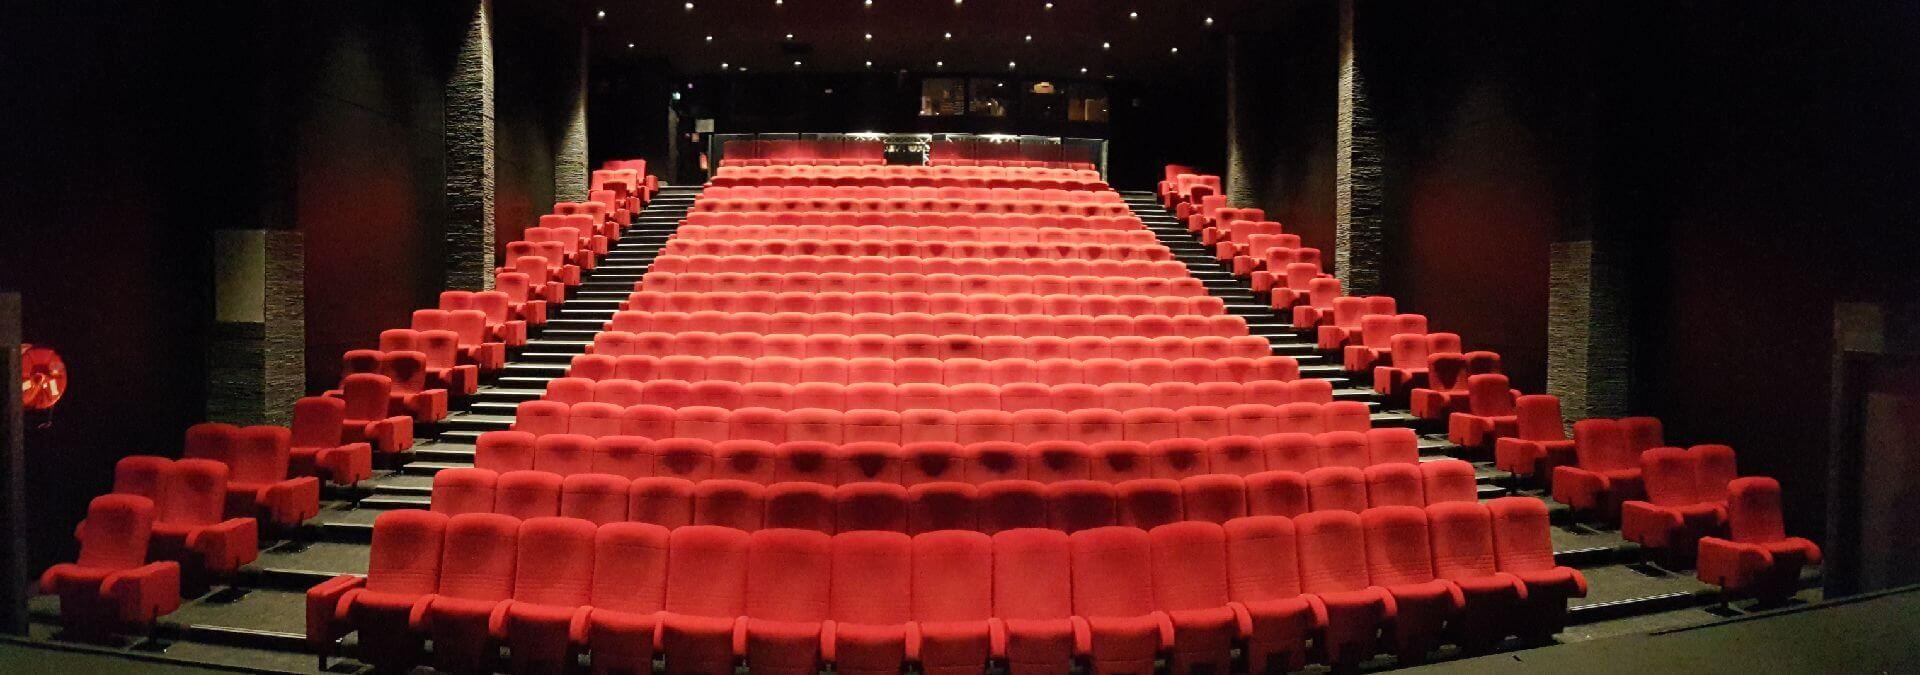 Kleslo - Fauteuil théâtre inertie caisson